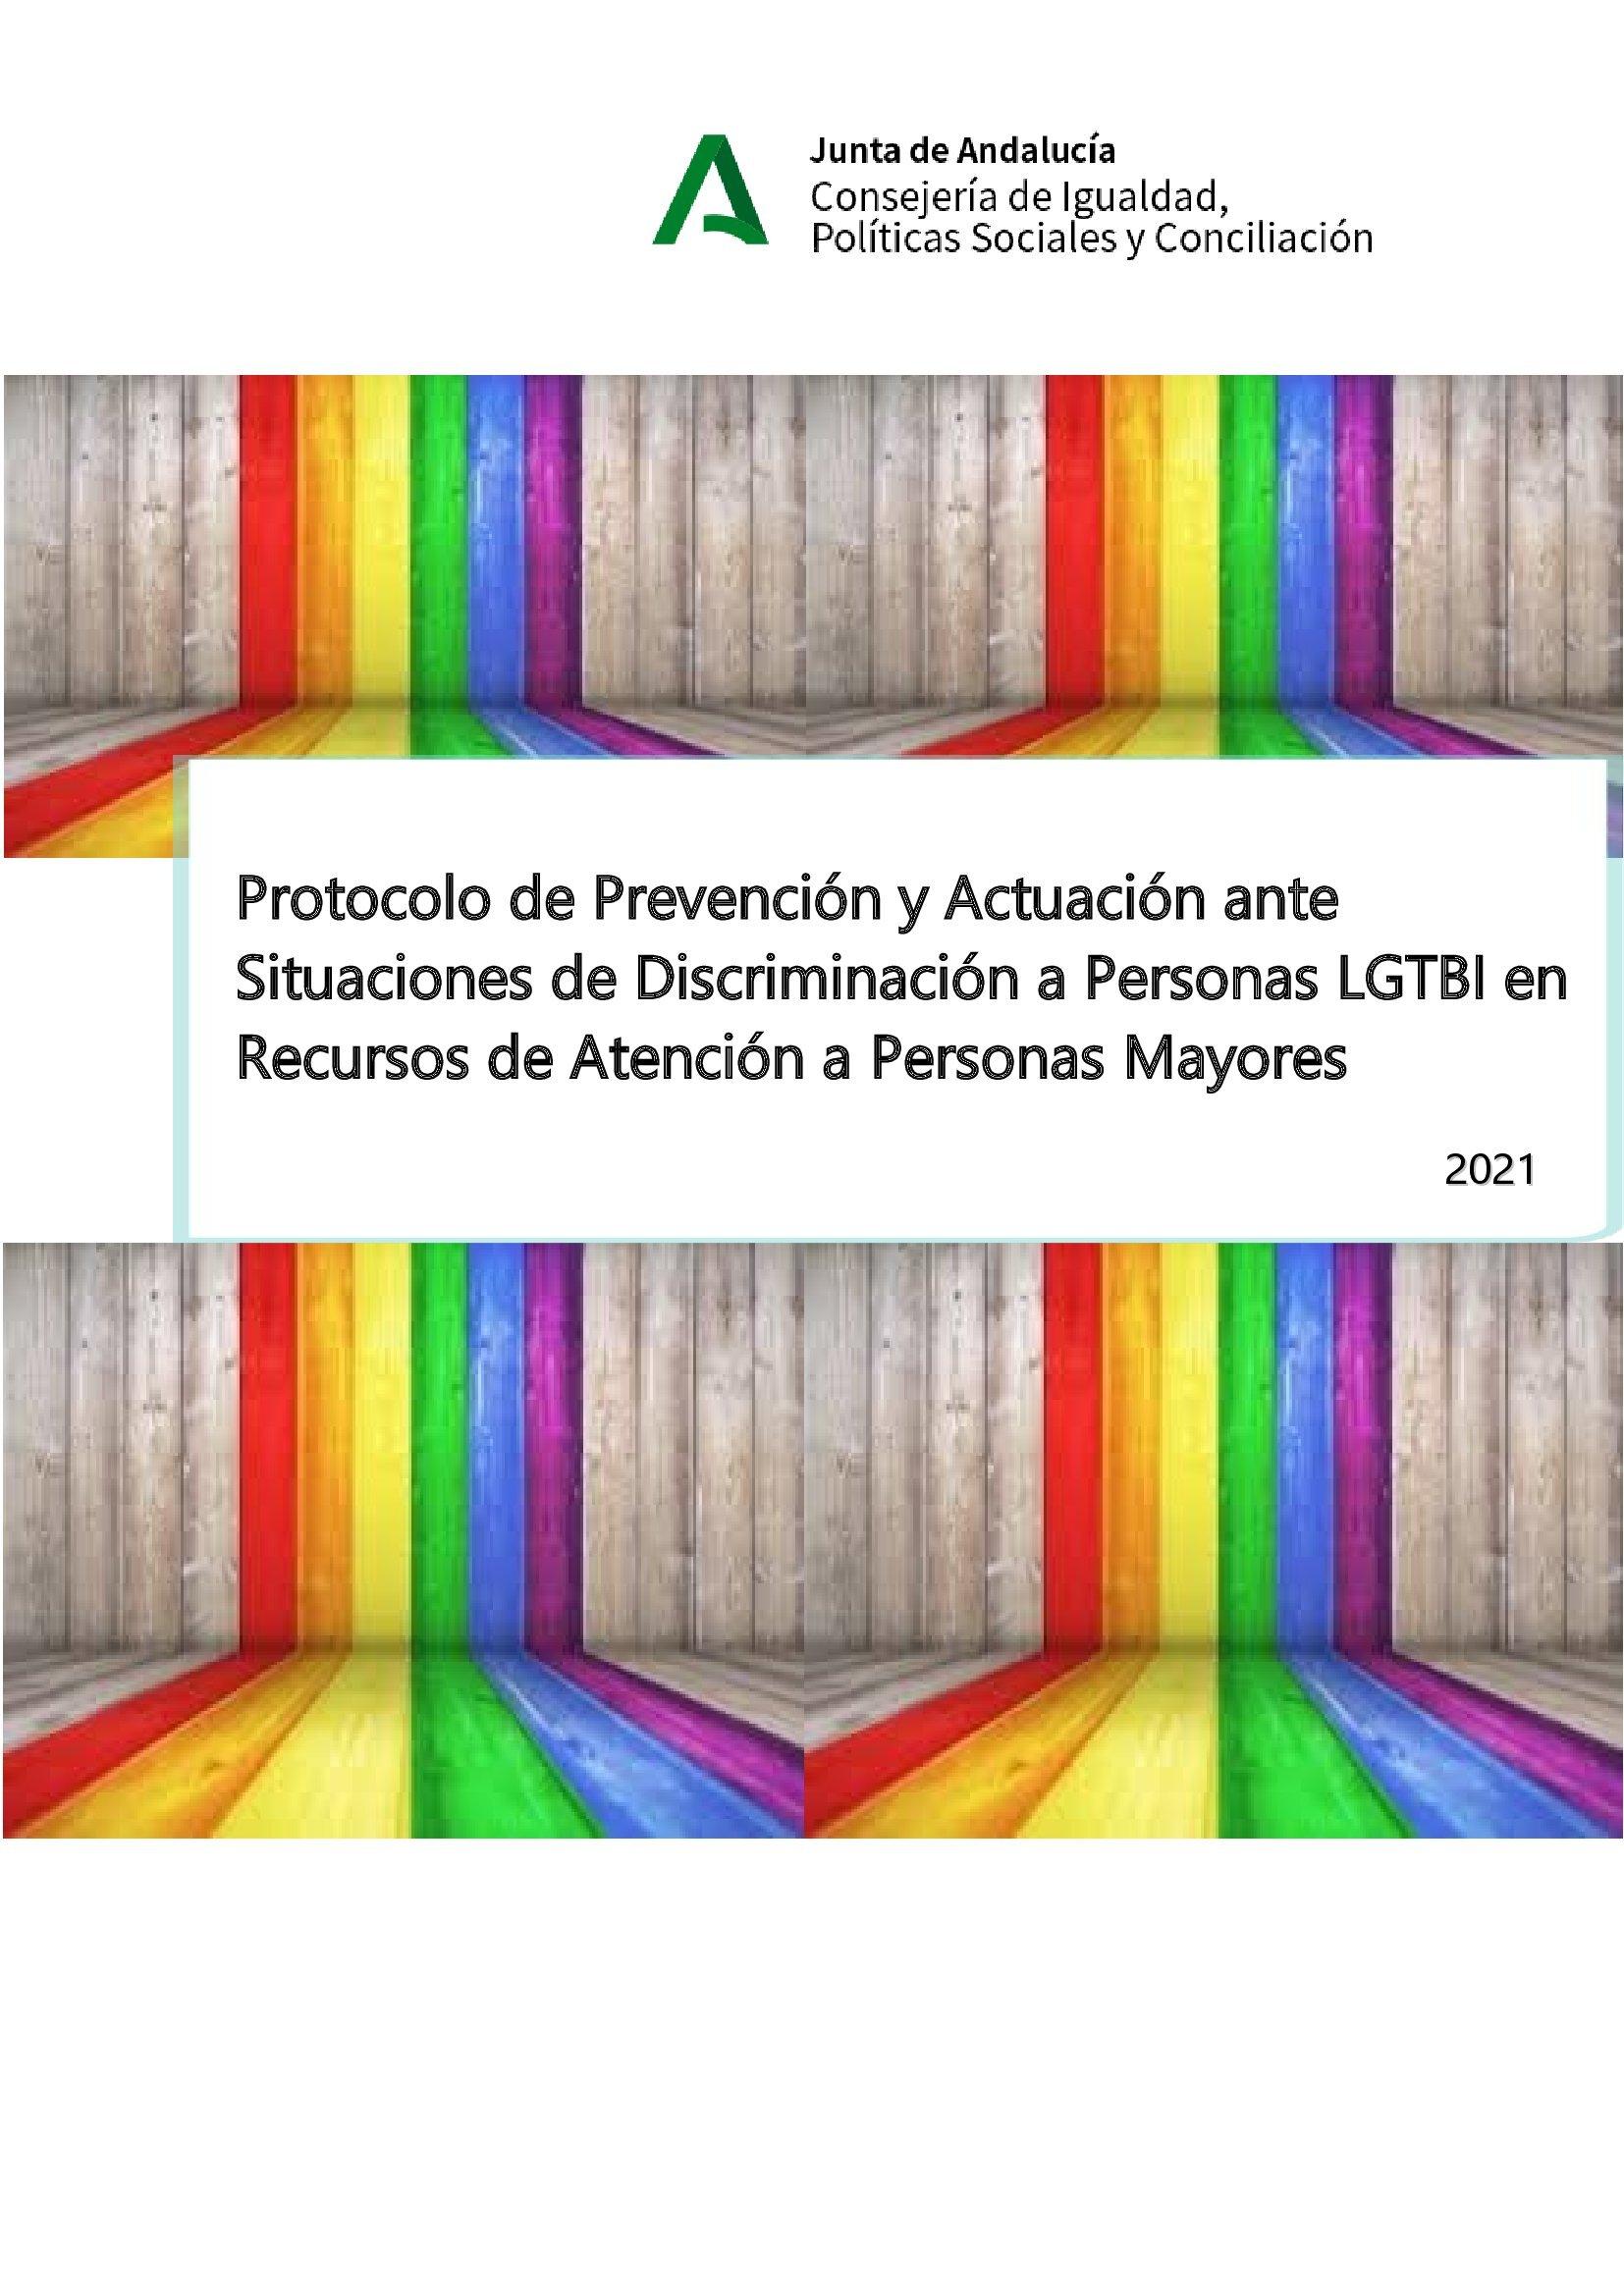 Protocolo de Prevención y Actuación ante Situaciones de Discriminación a Personas LGTBI en Recursos de Atención a Personas Mayores.